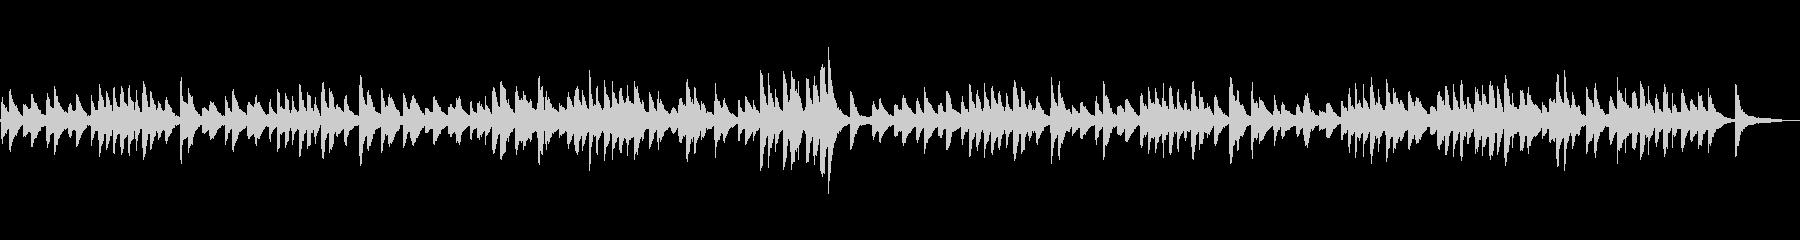 サティ「ジムノペディ1番」ピアノソロ原曲の未再生の波形